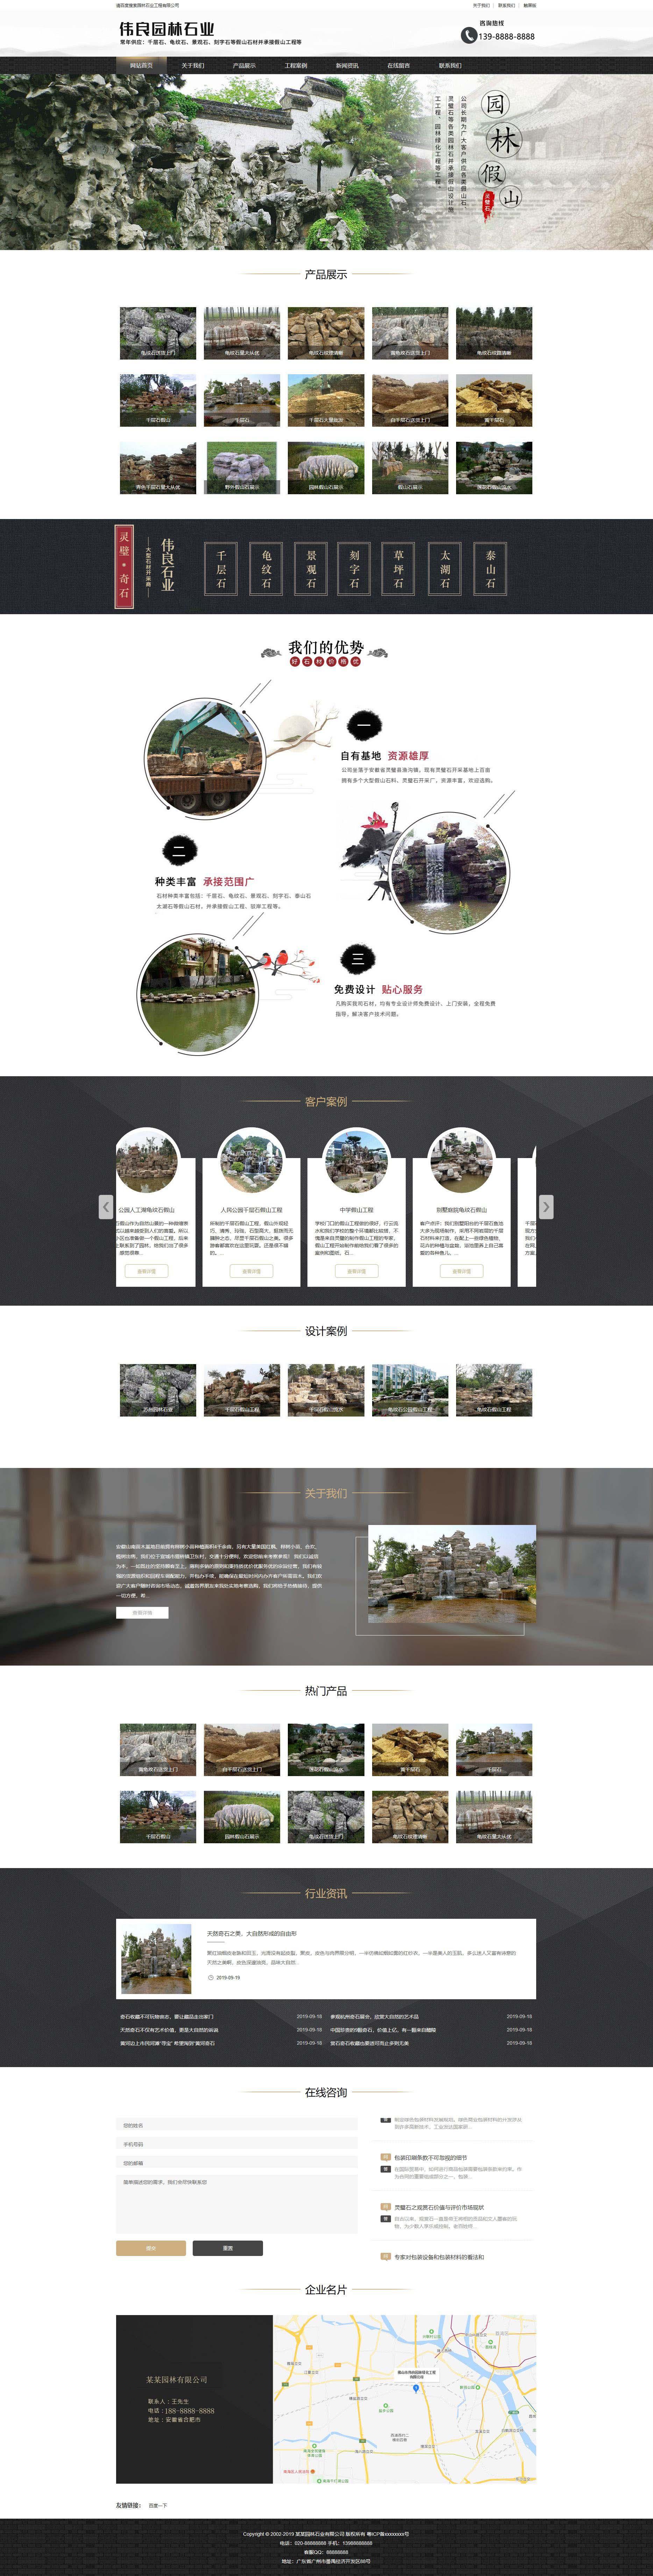 园林石业装饰工程类网站织梦dedecms模板(带手机端)